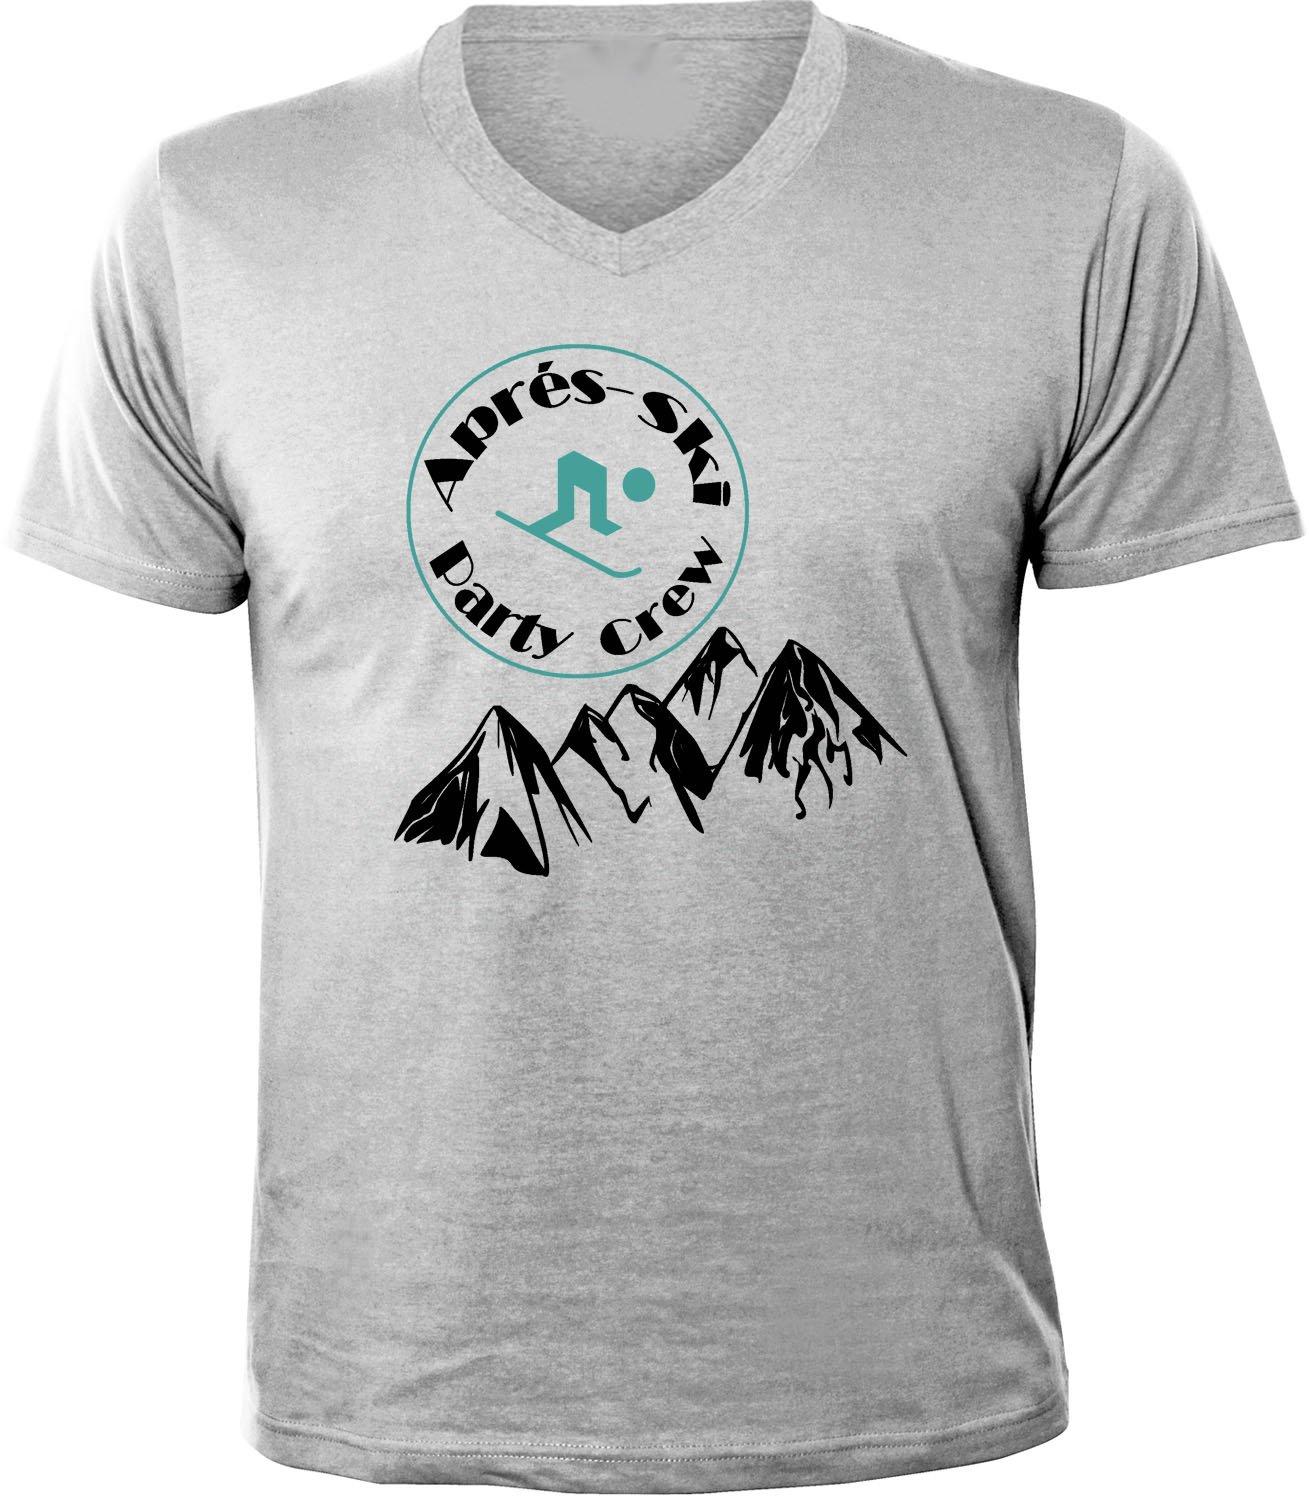 Mister Merchandise Herren Men V-Ausschnitt T-Shirt Apré Ski - Party Crew  Tee Shirt Neck Bedruckt: Amazon.de: Bekleidung